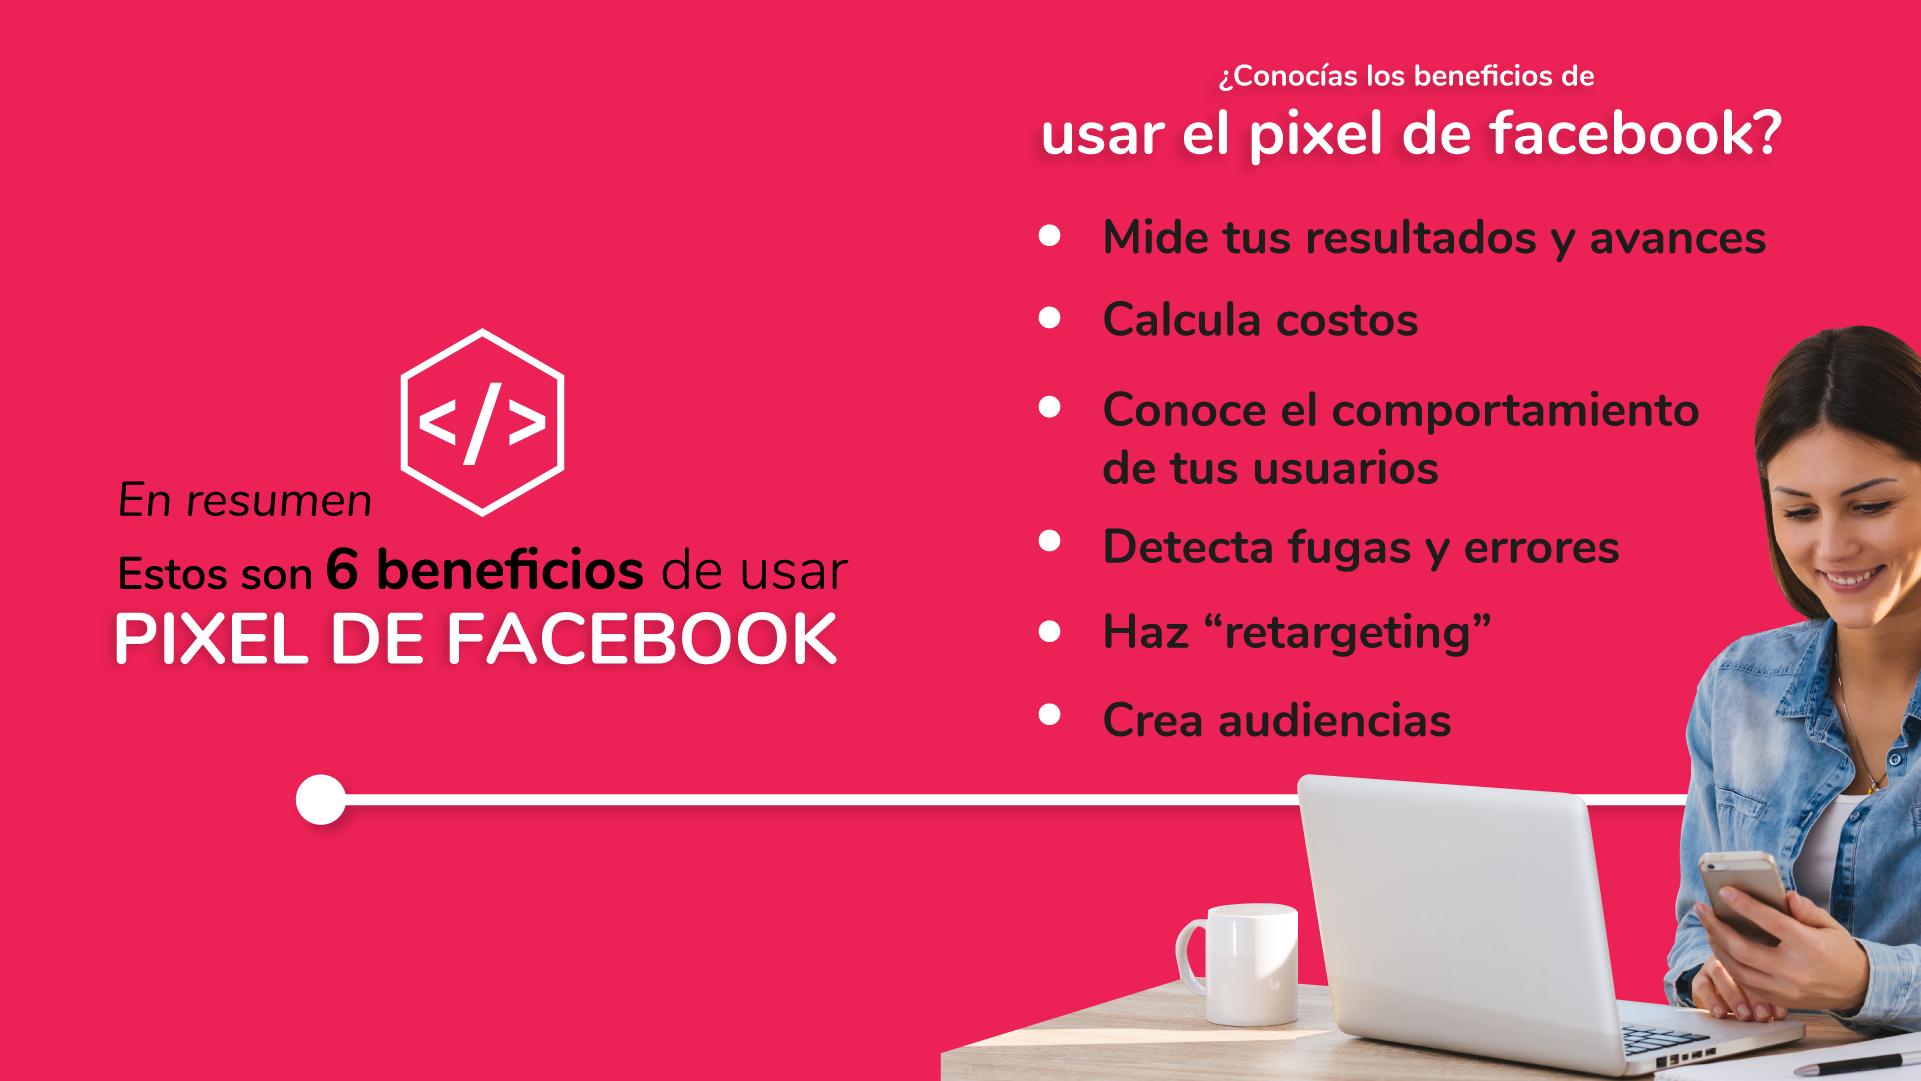 6 beneficios de usar el pixel de facebook